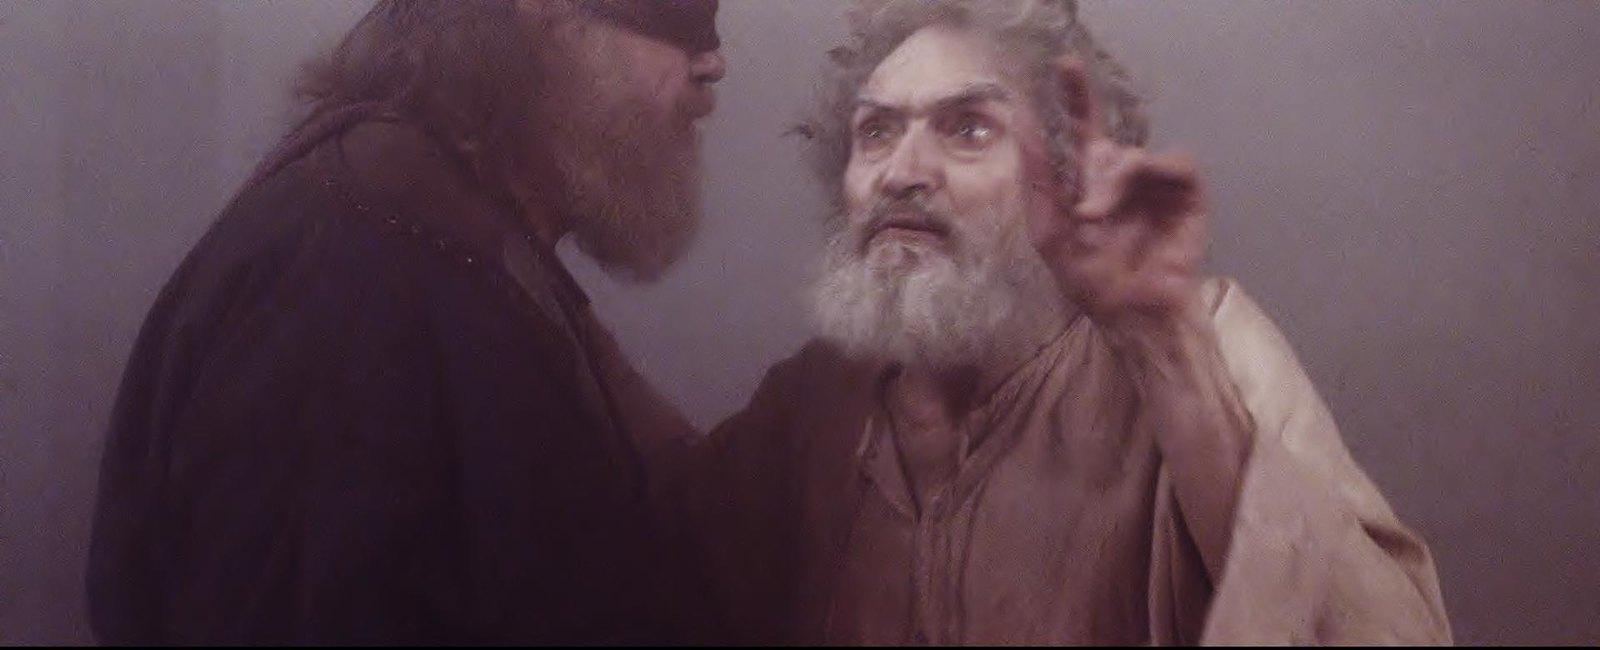 Gloucester Dover Lear film Alexander Barnett